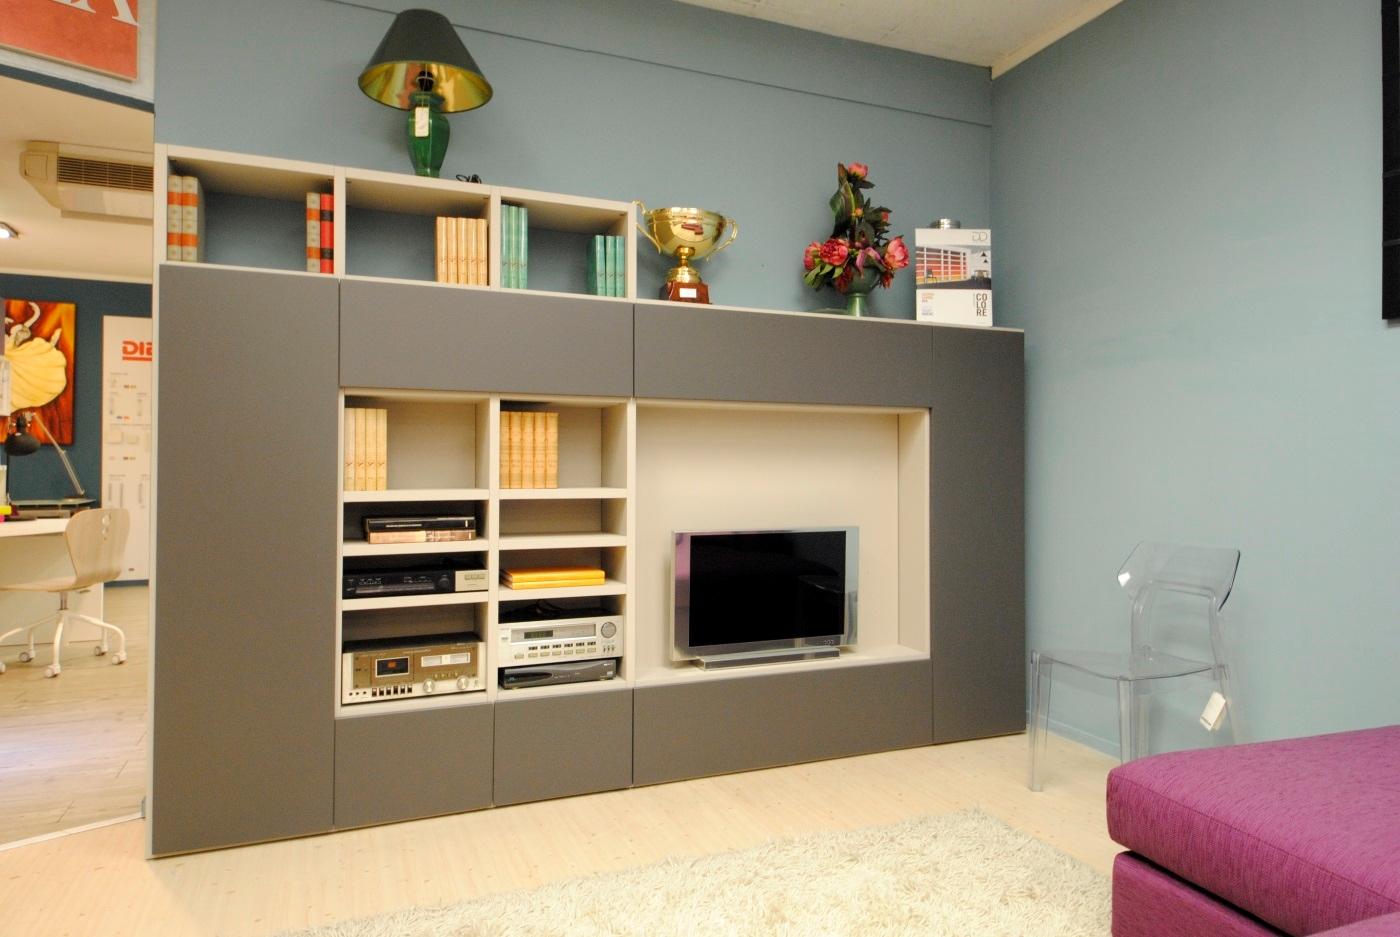 Soggiorni Doimo ~ Una Collezione di Idee per Idee di Design Casa e ...